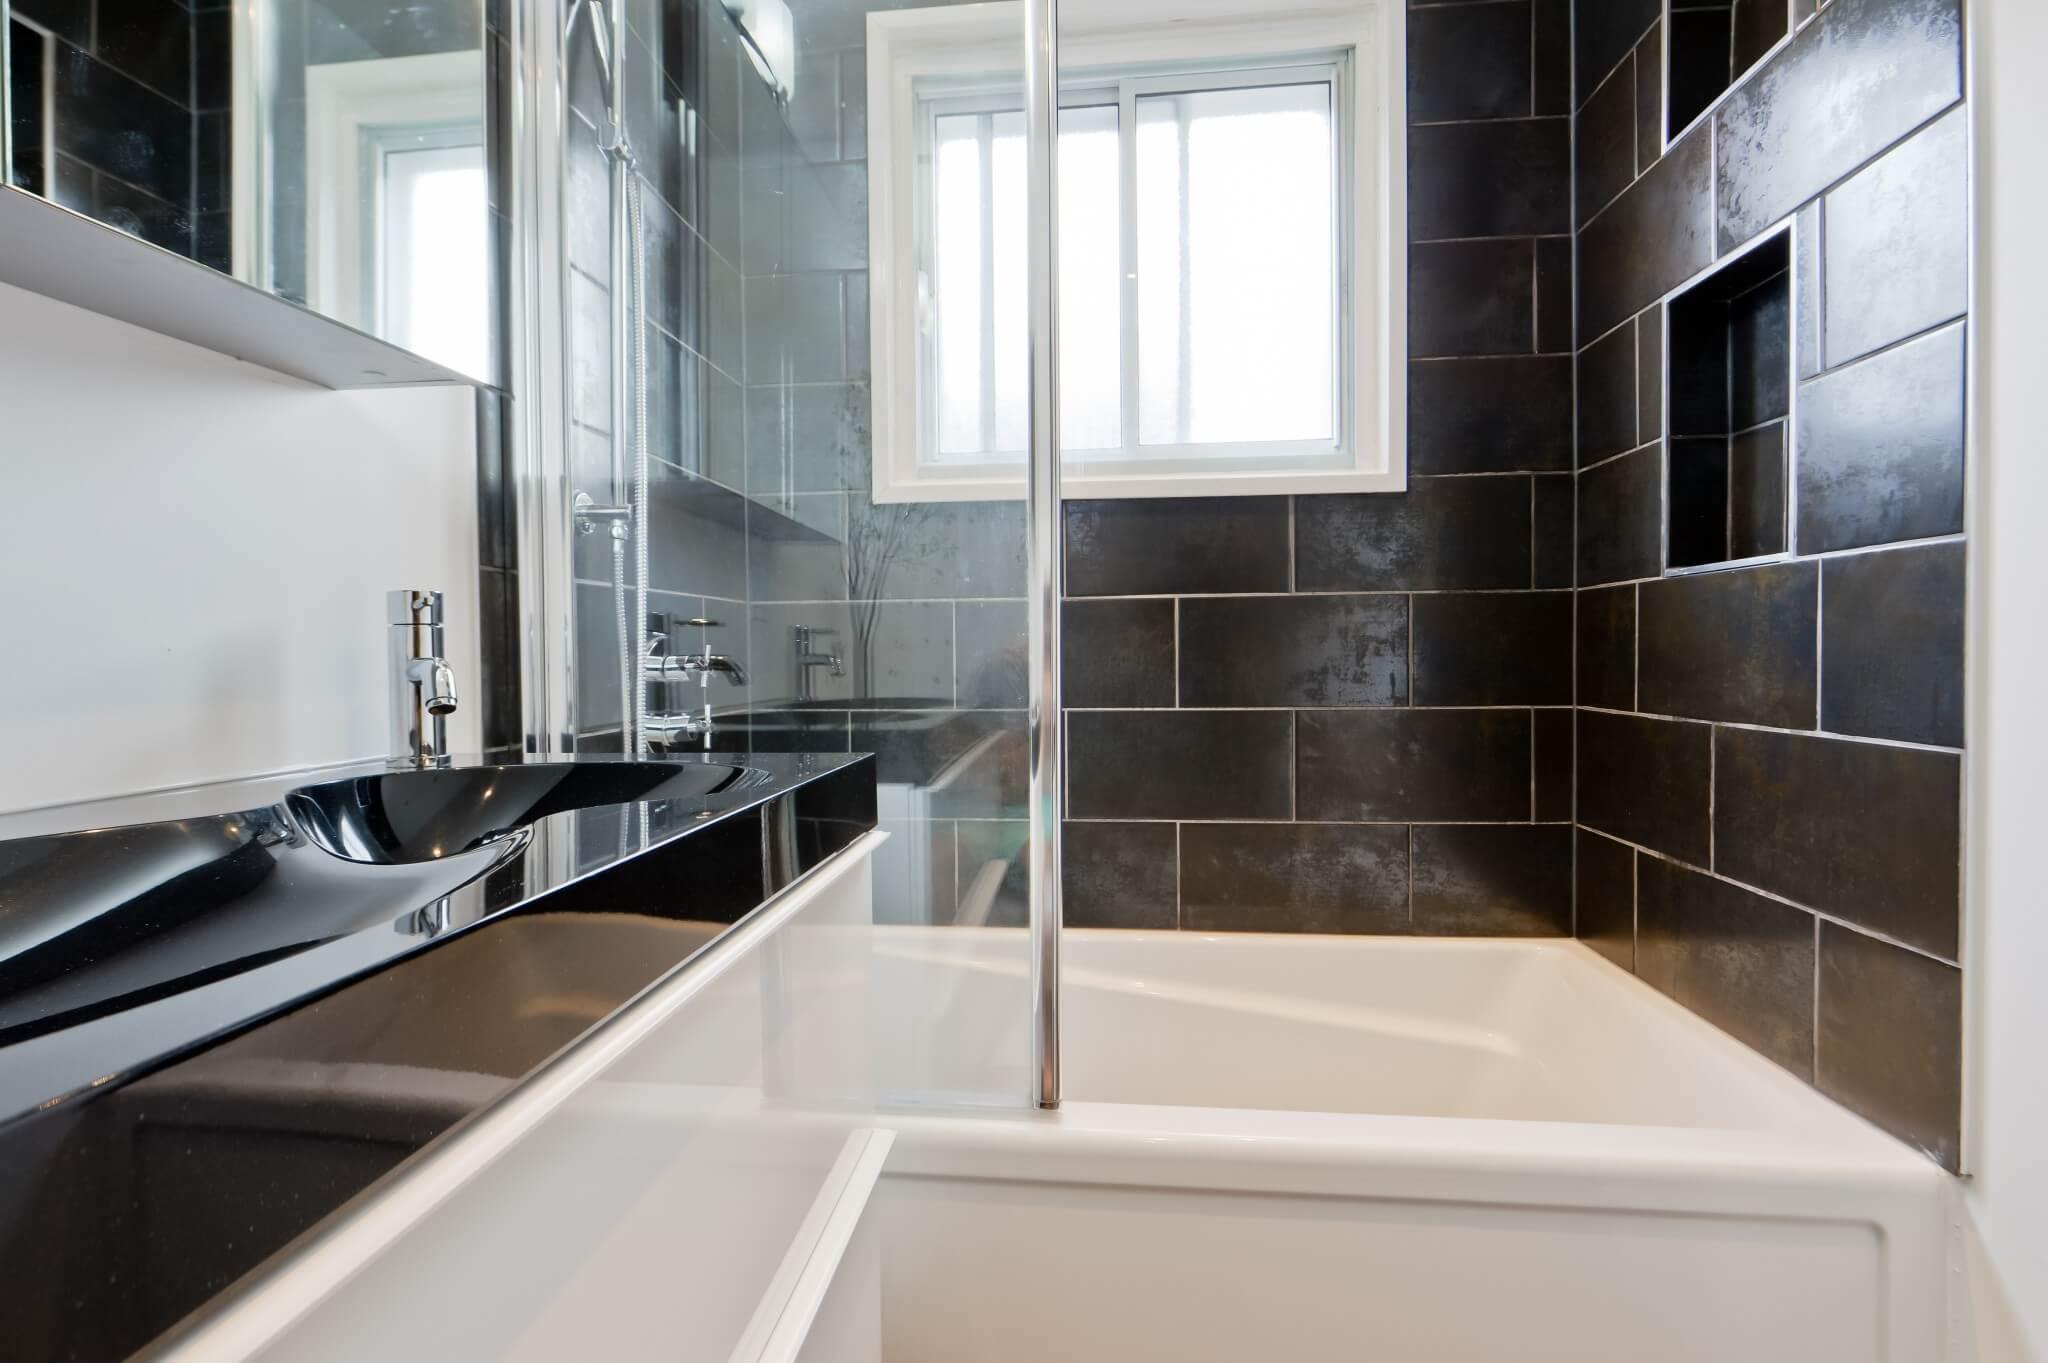 Bain douche salle de bain